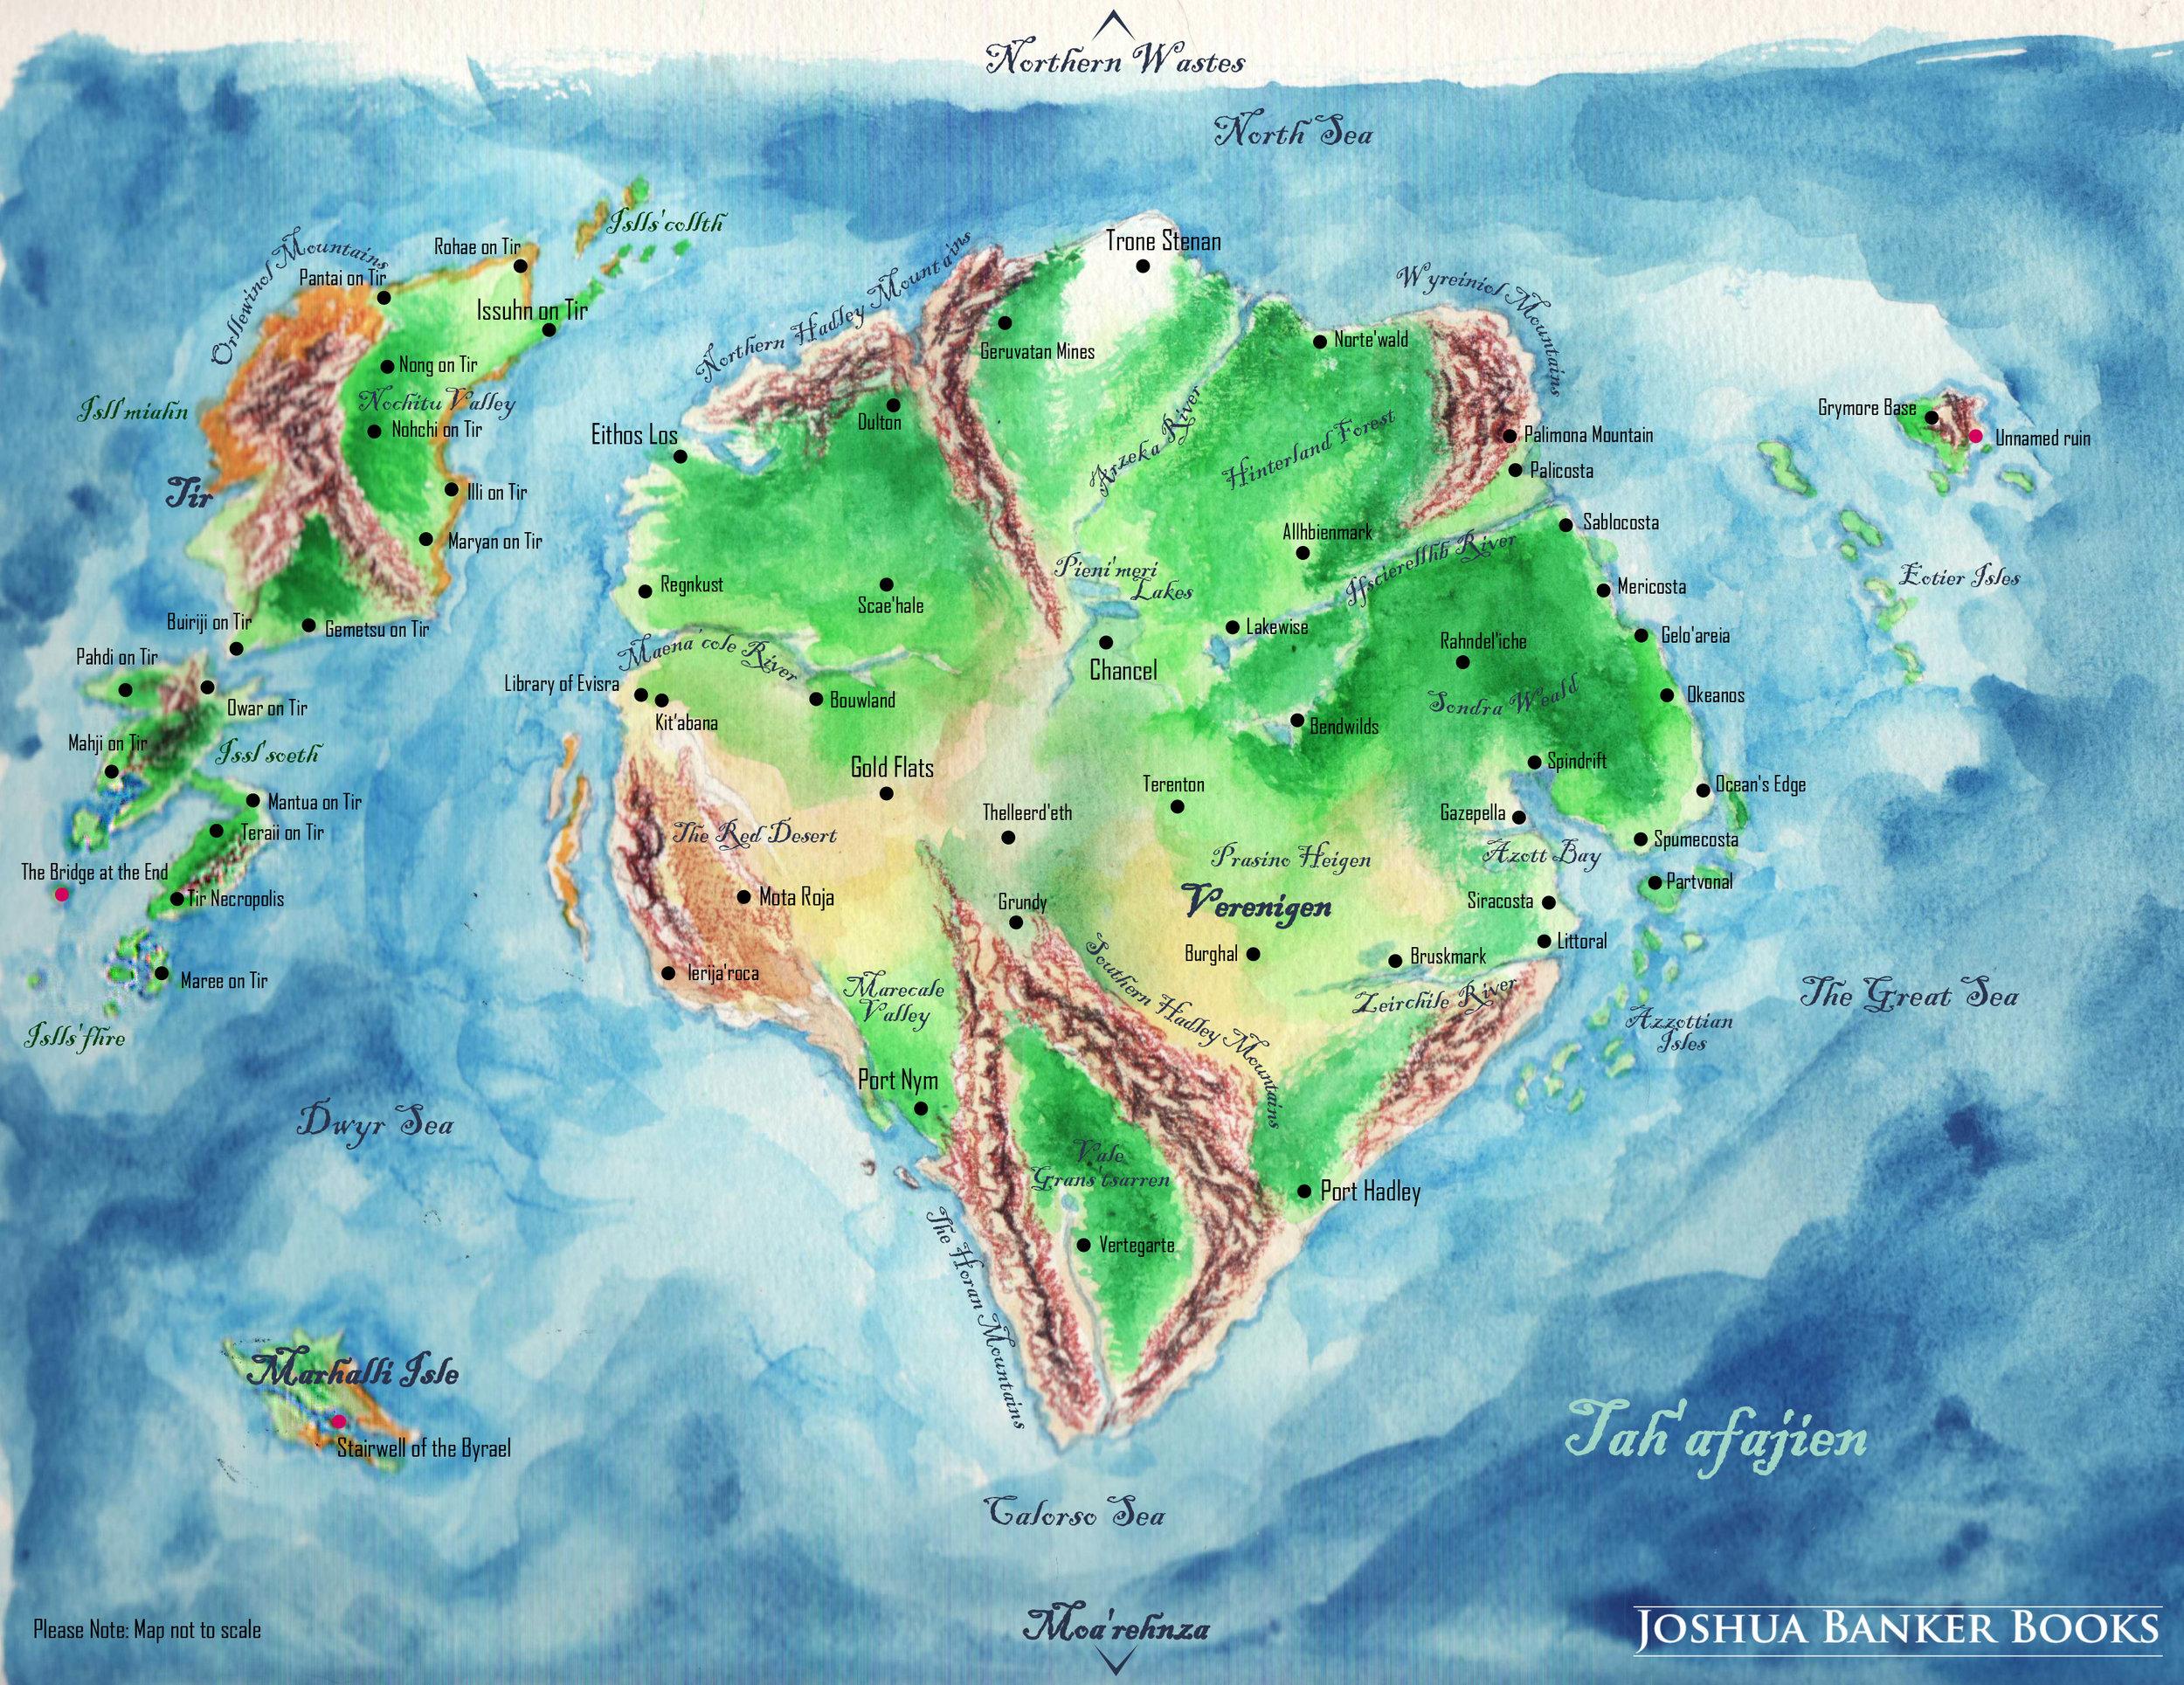 Map of Verenigen and Tir